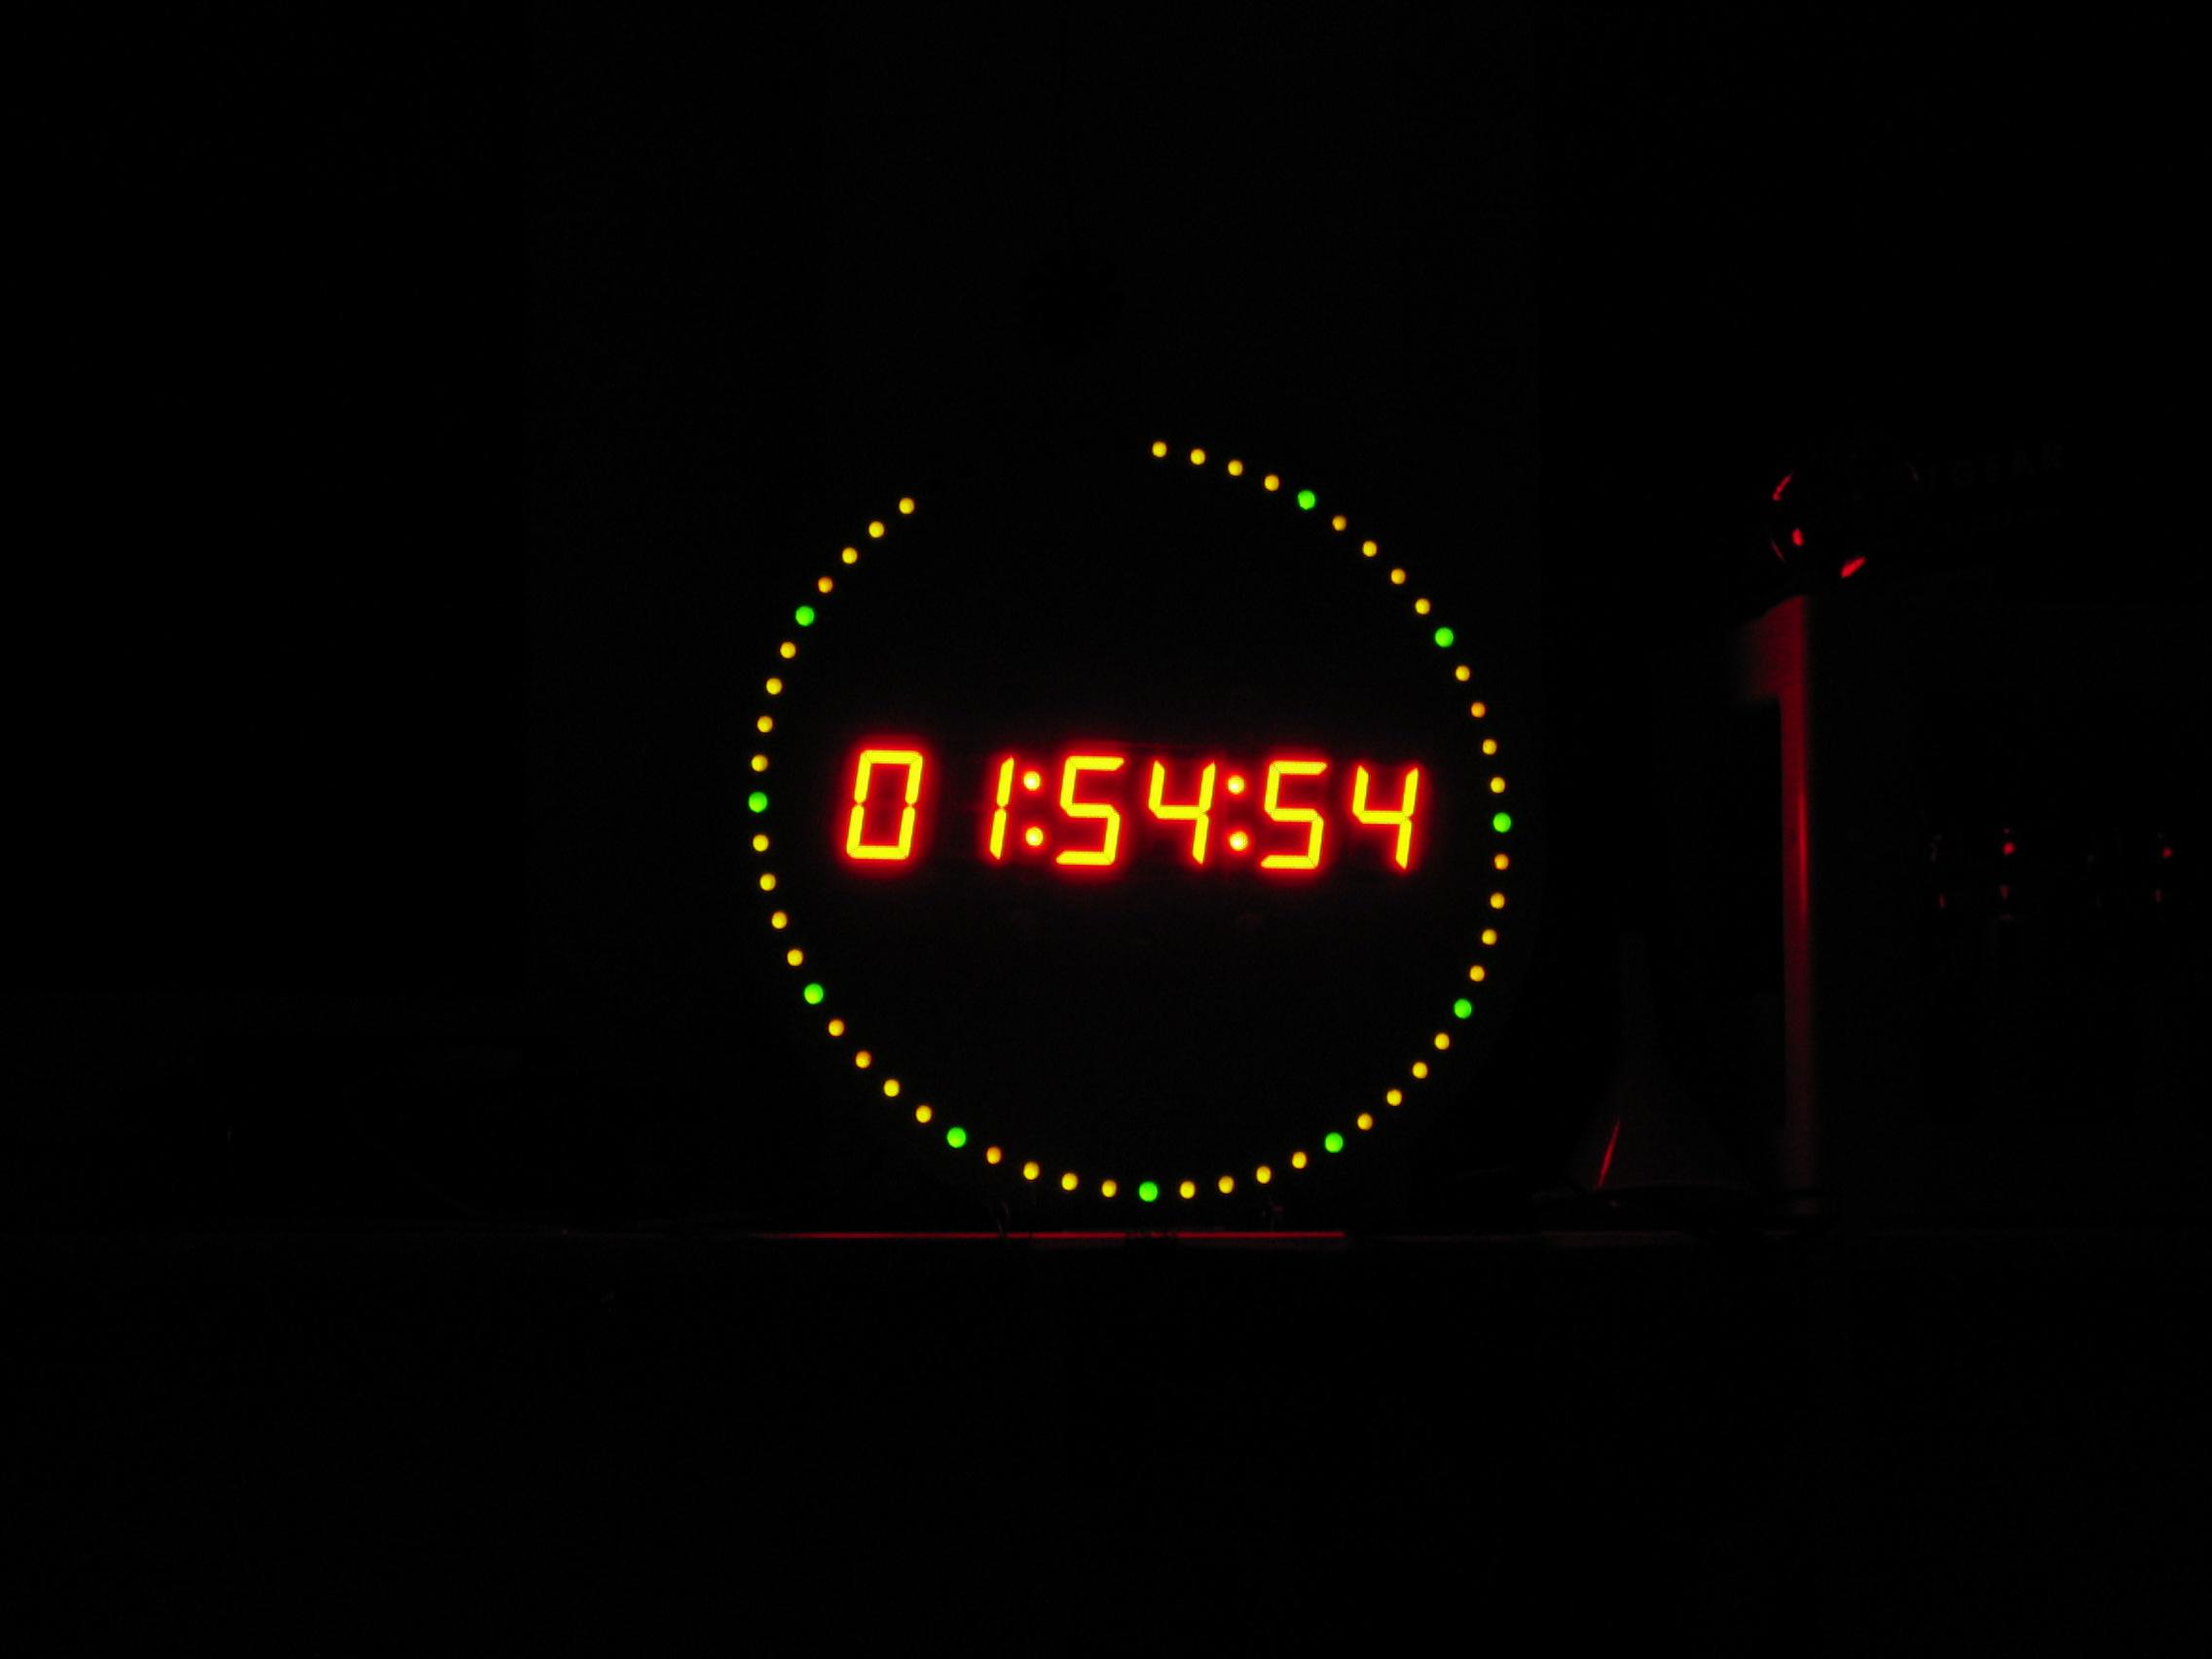 A Ntp Dcf77 Led Clock Circuit